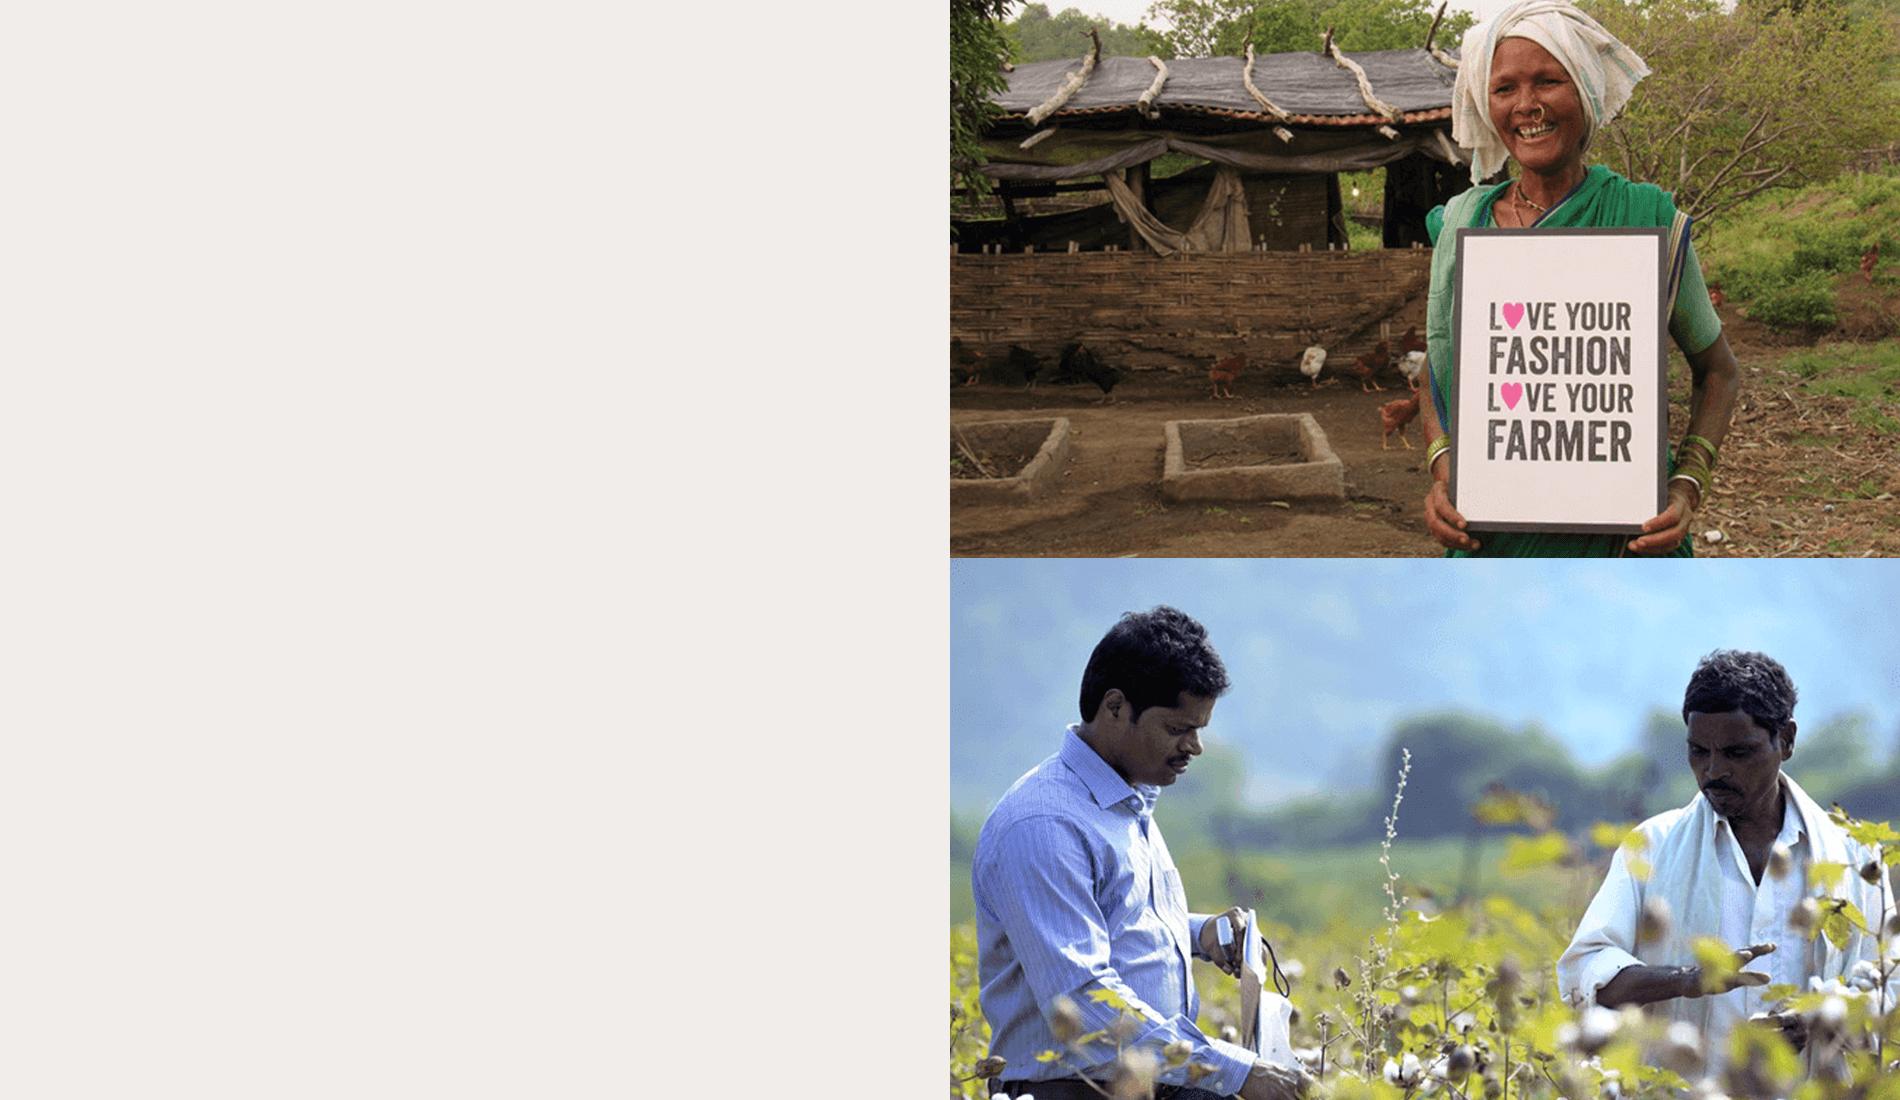 Fairtrade cotton farmer